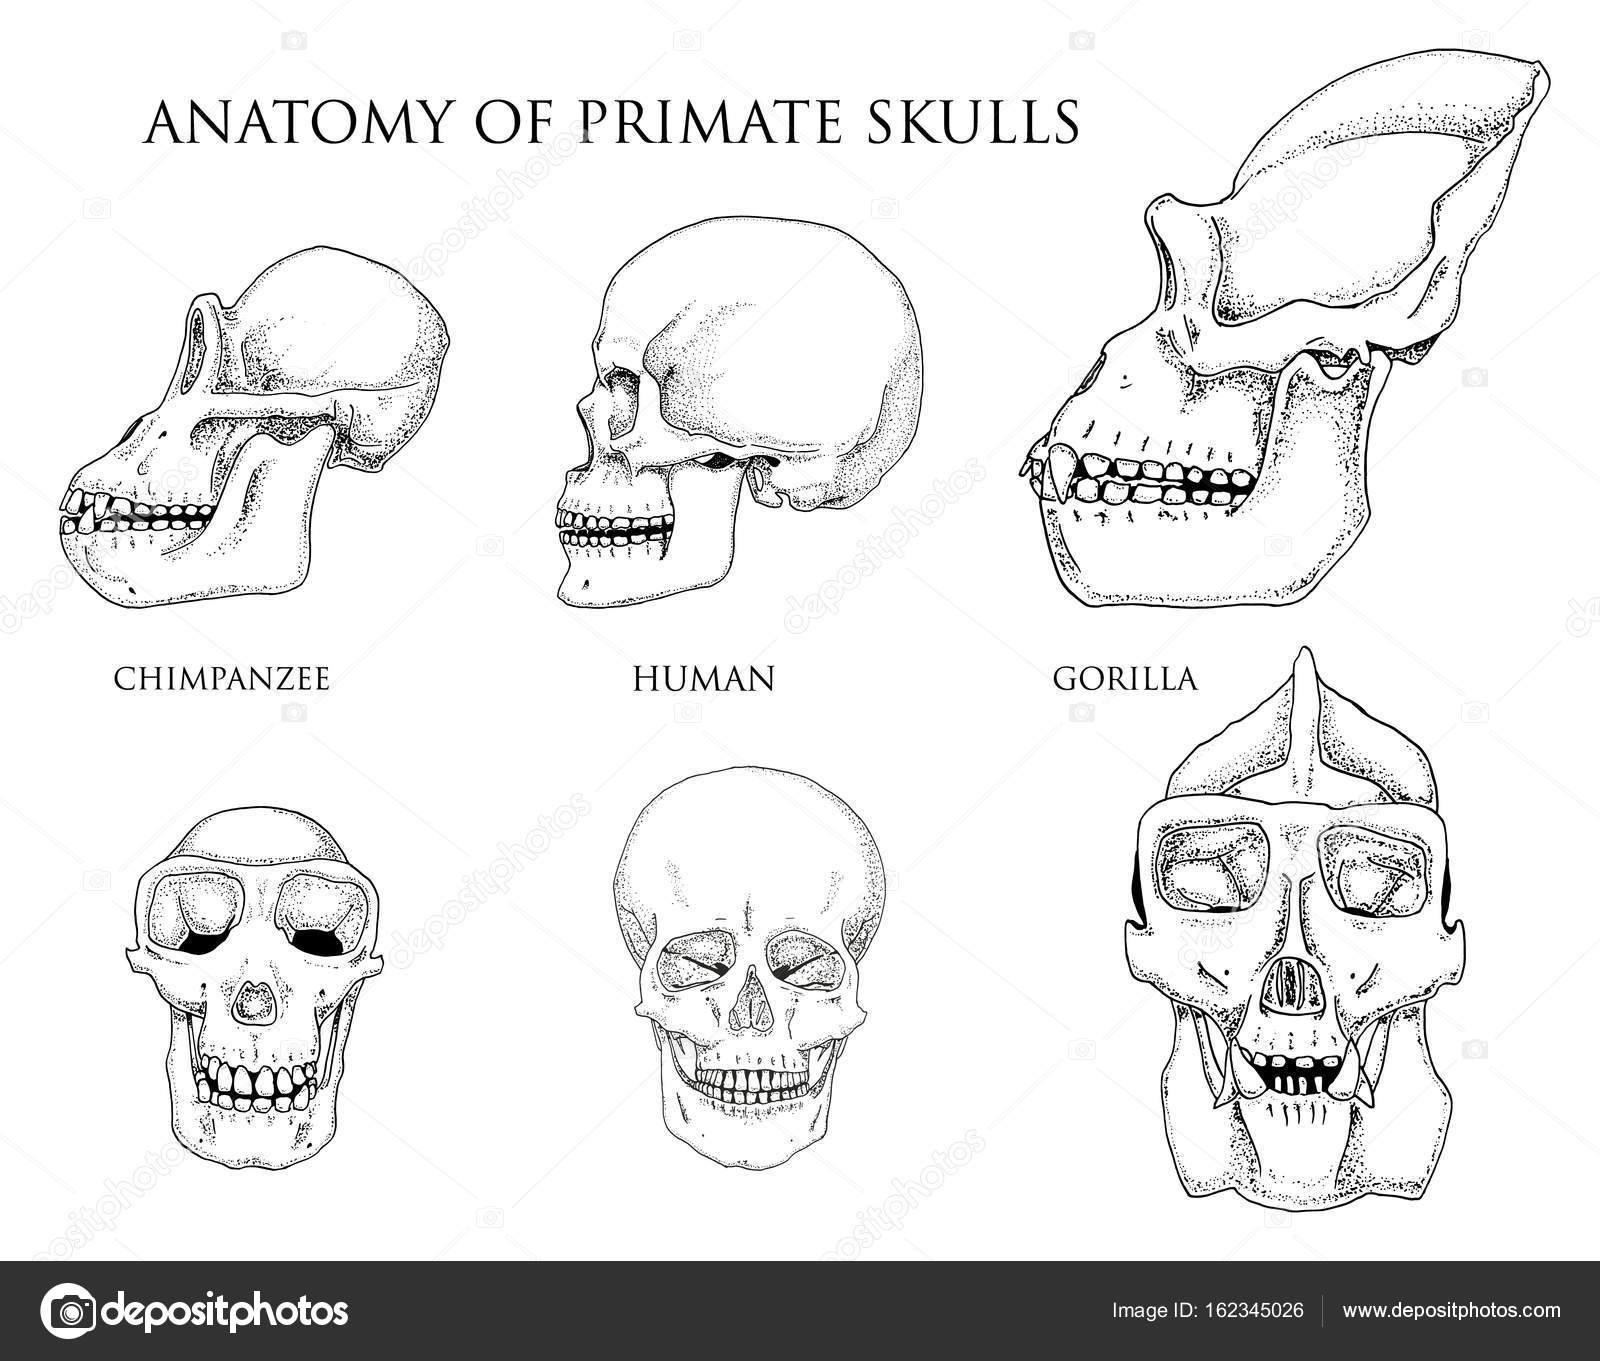 Human And Chimpanzee Gorilla Biology And Anatomy